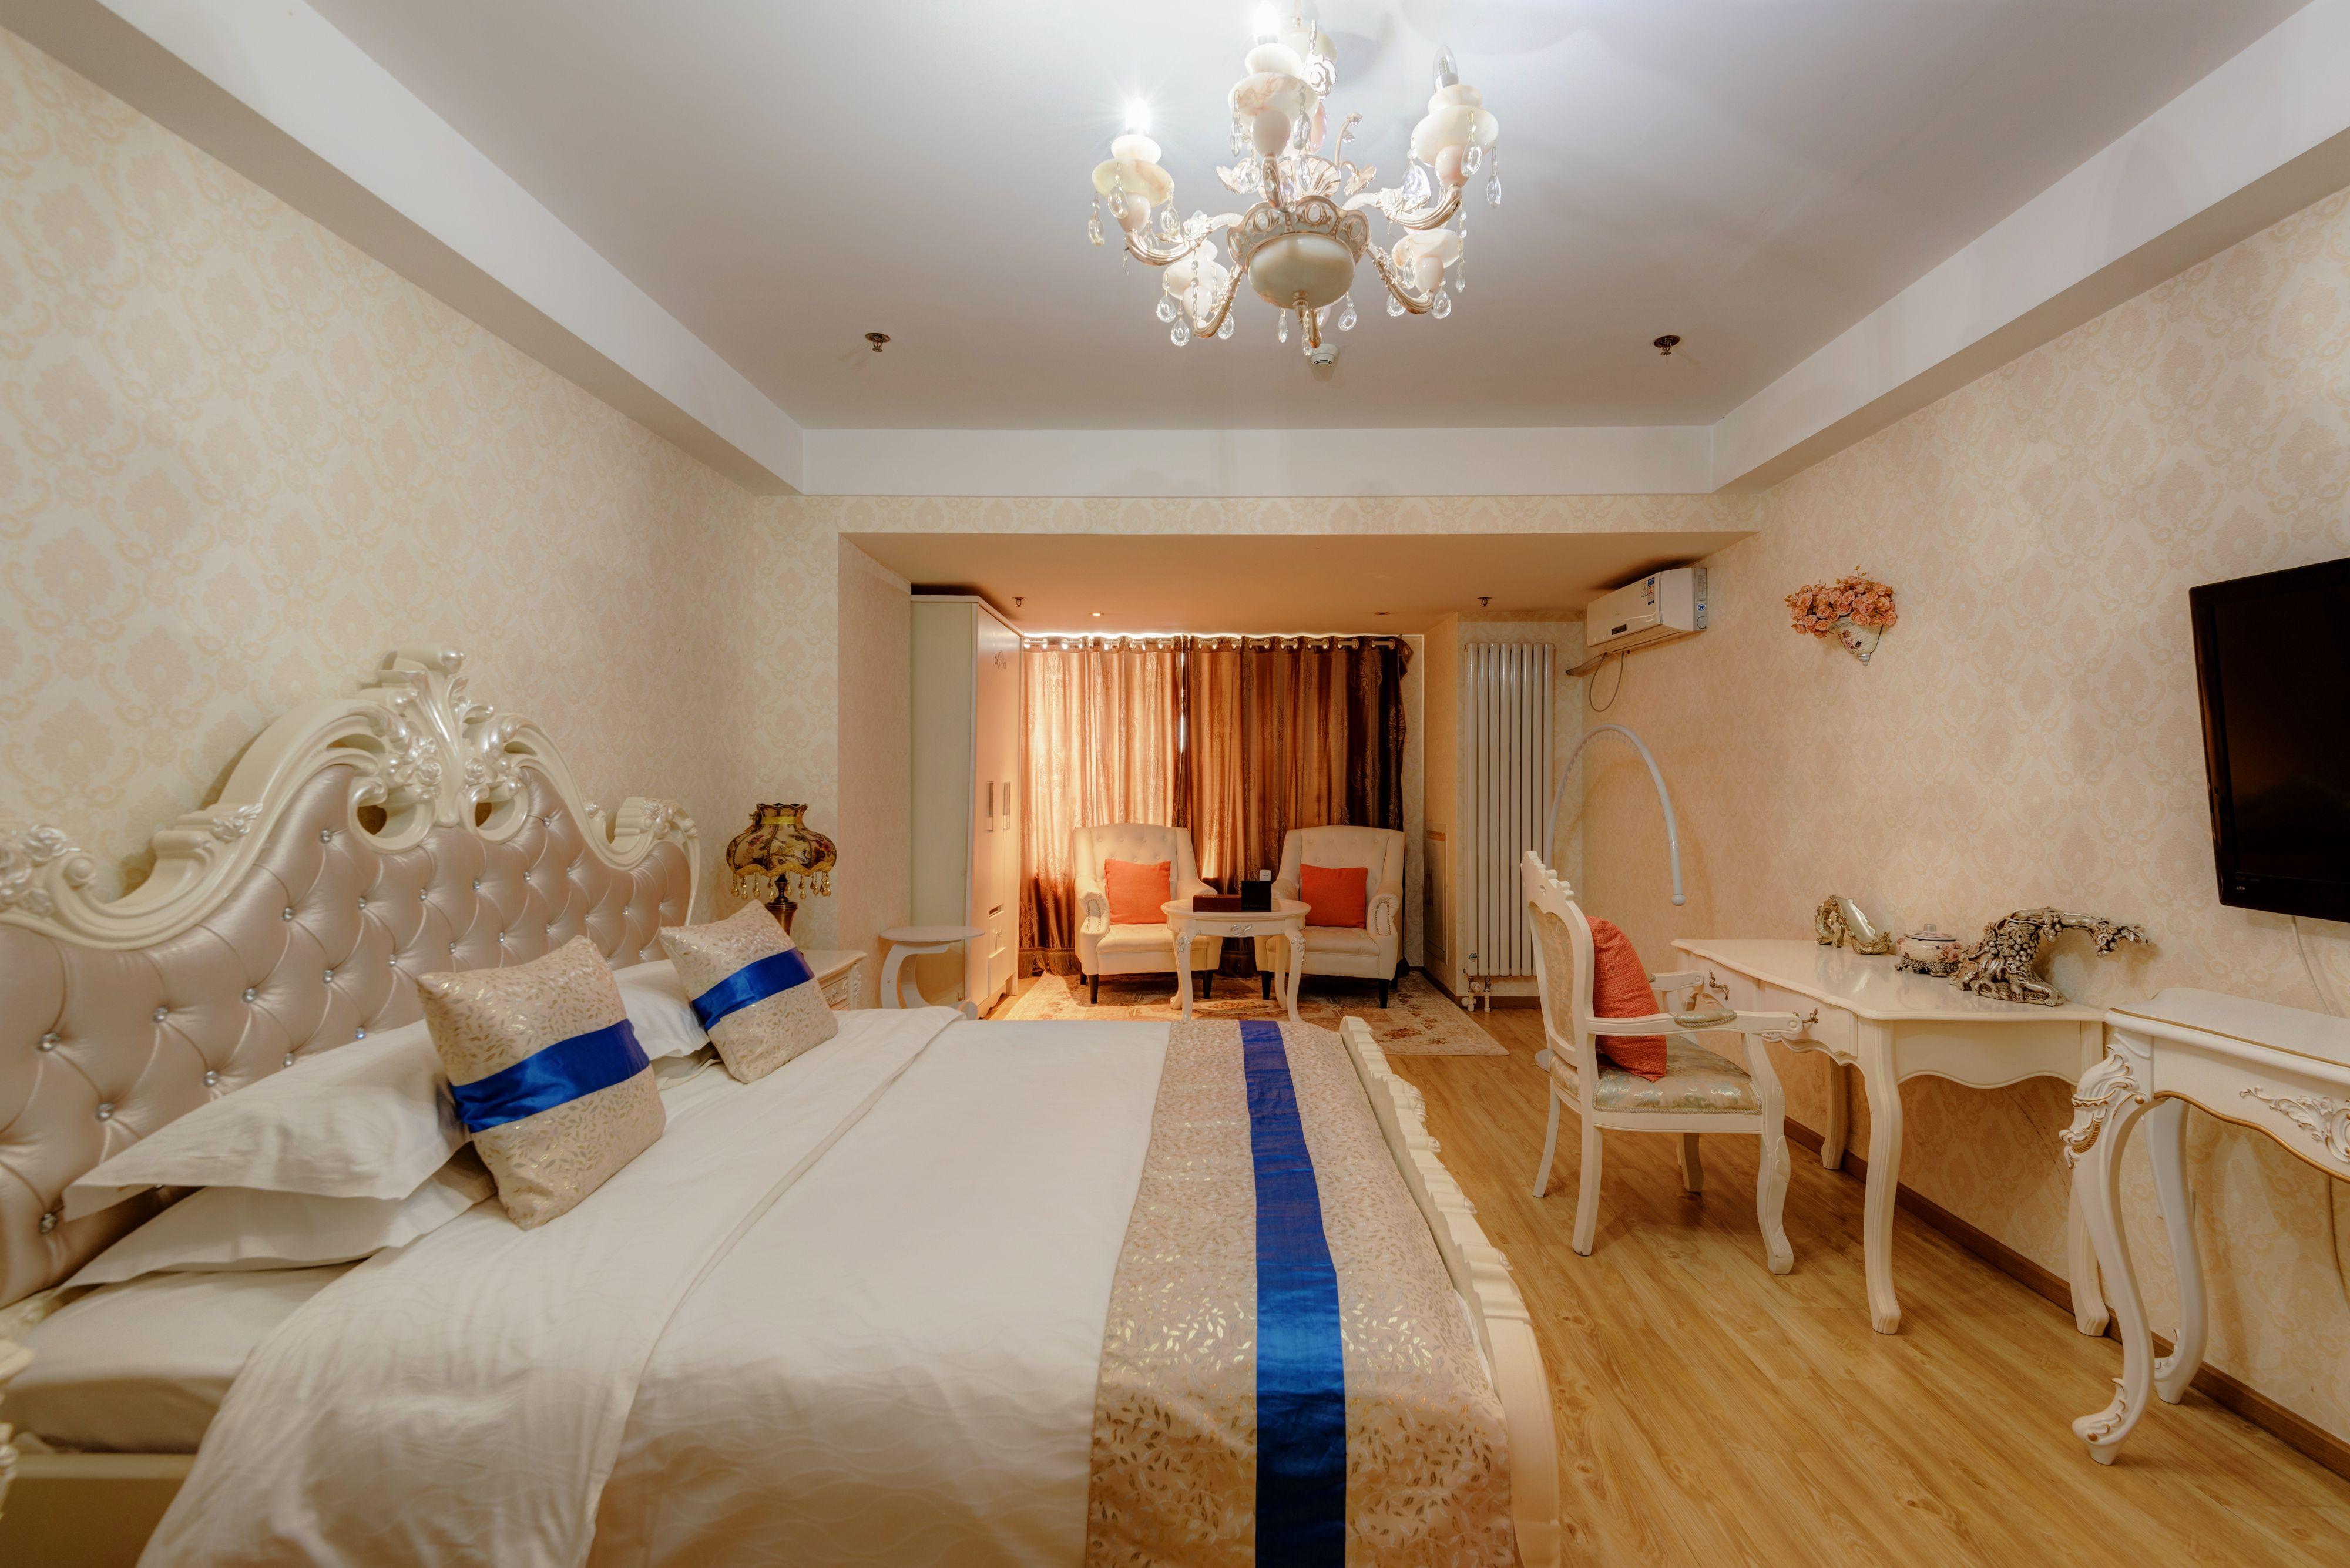 北京私享欧式主题服务公寓预订/团购